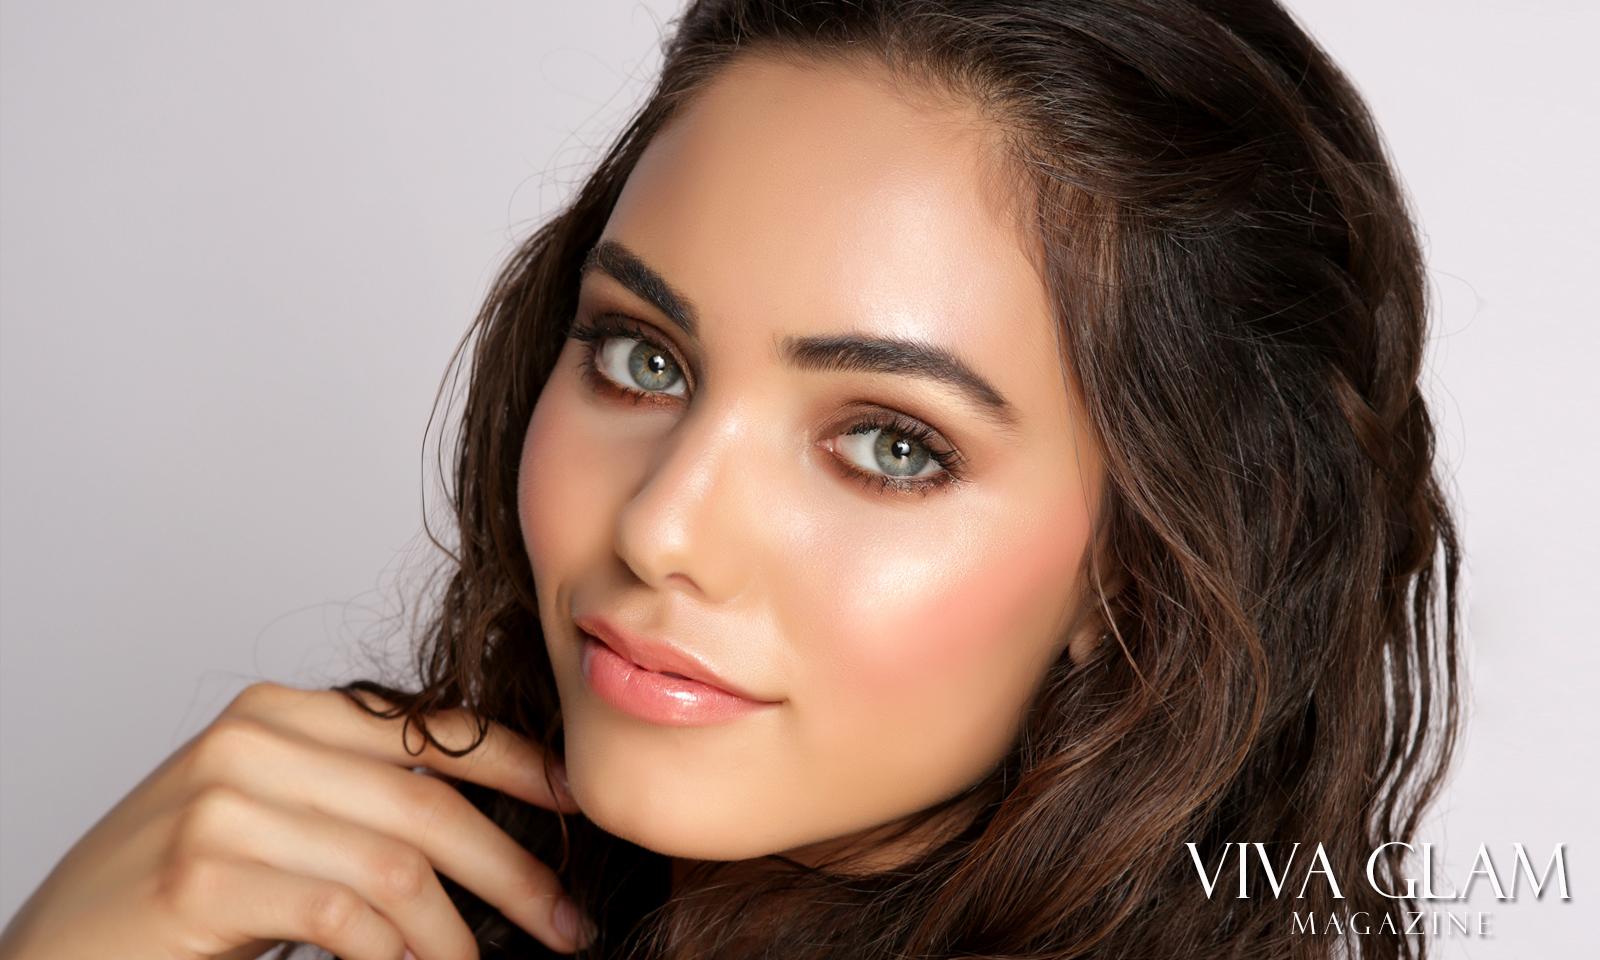 VIVA GLAM MODEL Haley Amaya Dewy Makeup Look Tutorial